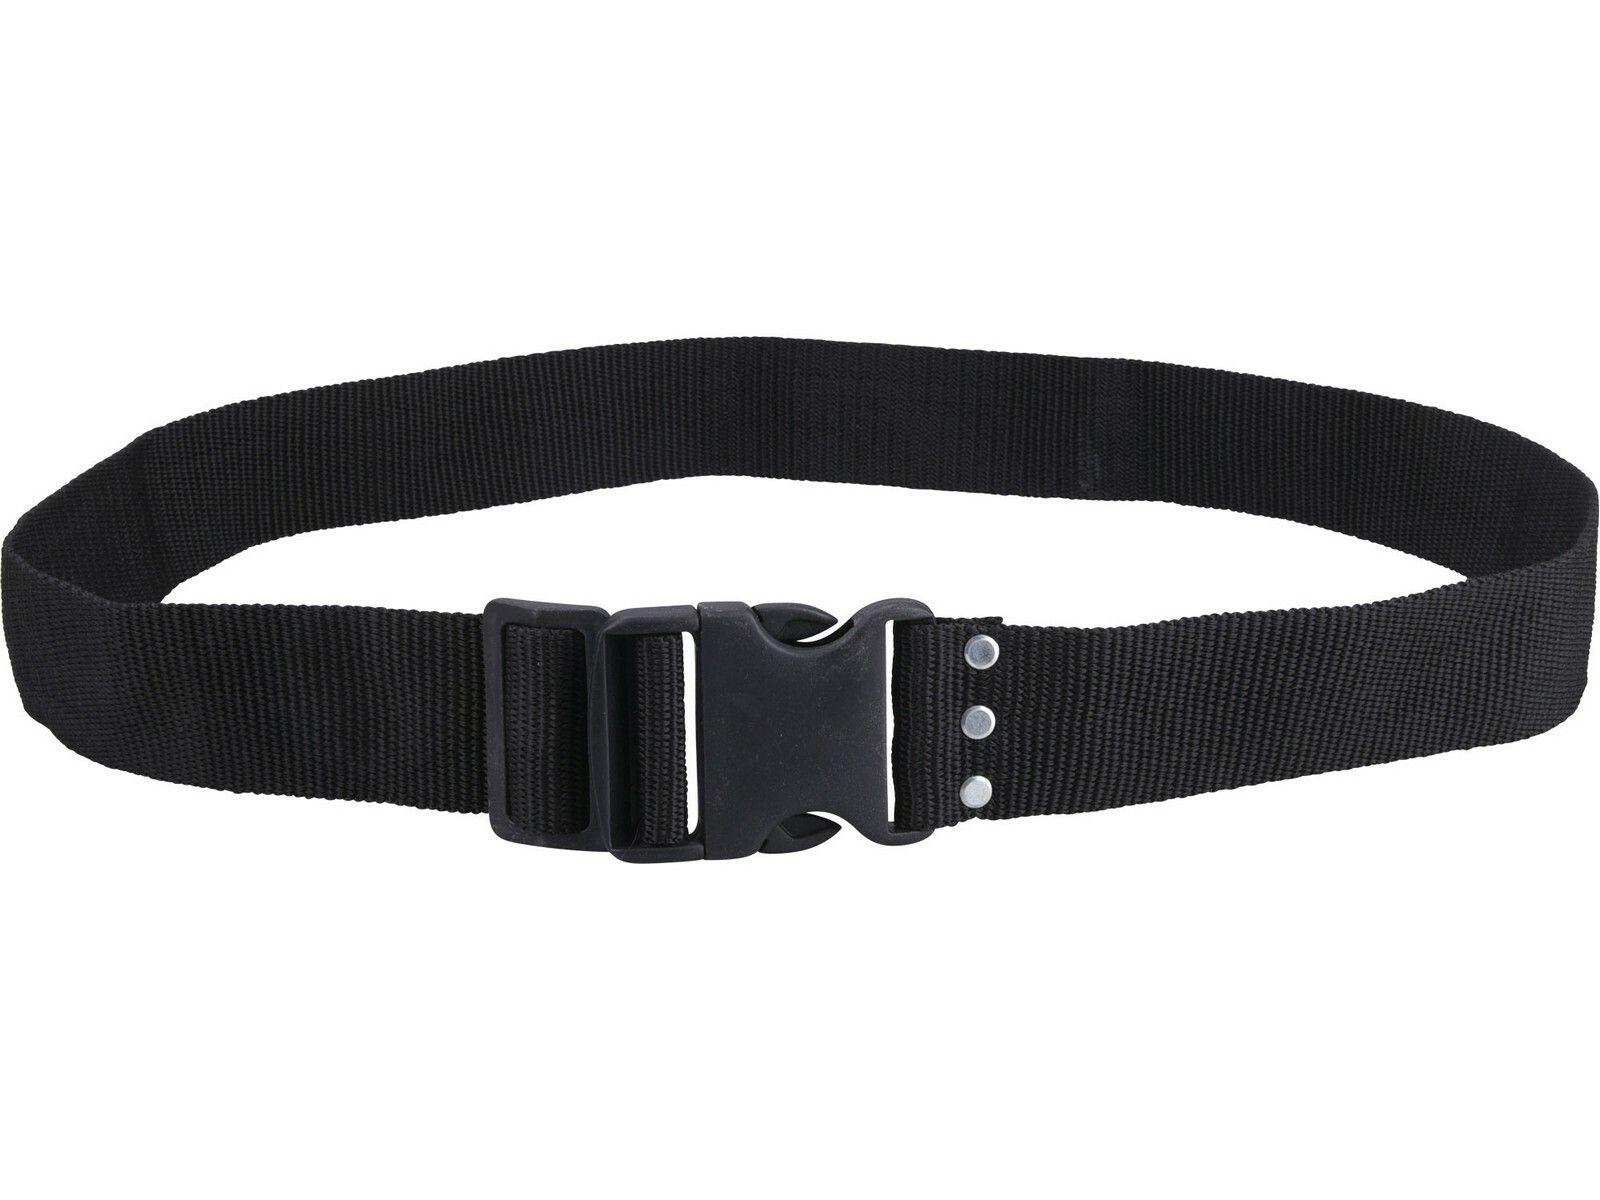 Opasek nylonový černý, š.5cm x d.122cm, plast. přezka, nylon EXTOL PREMIUM